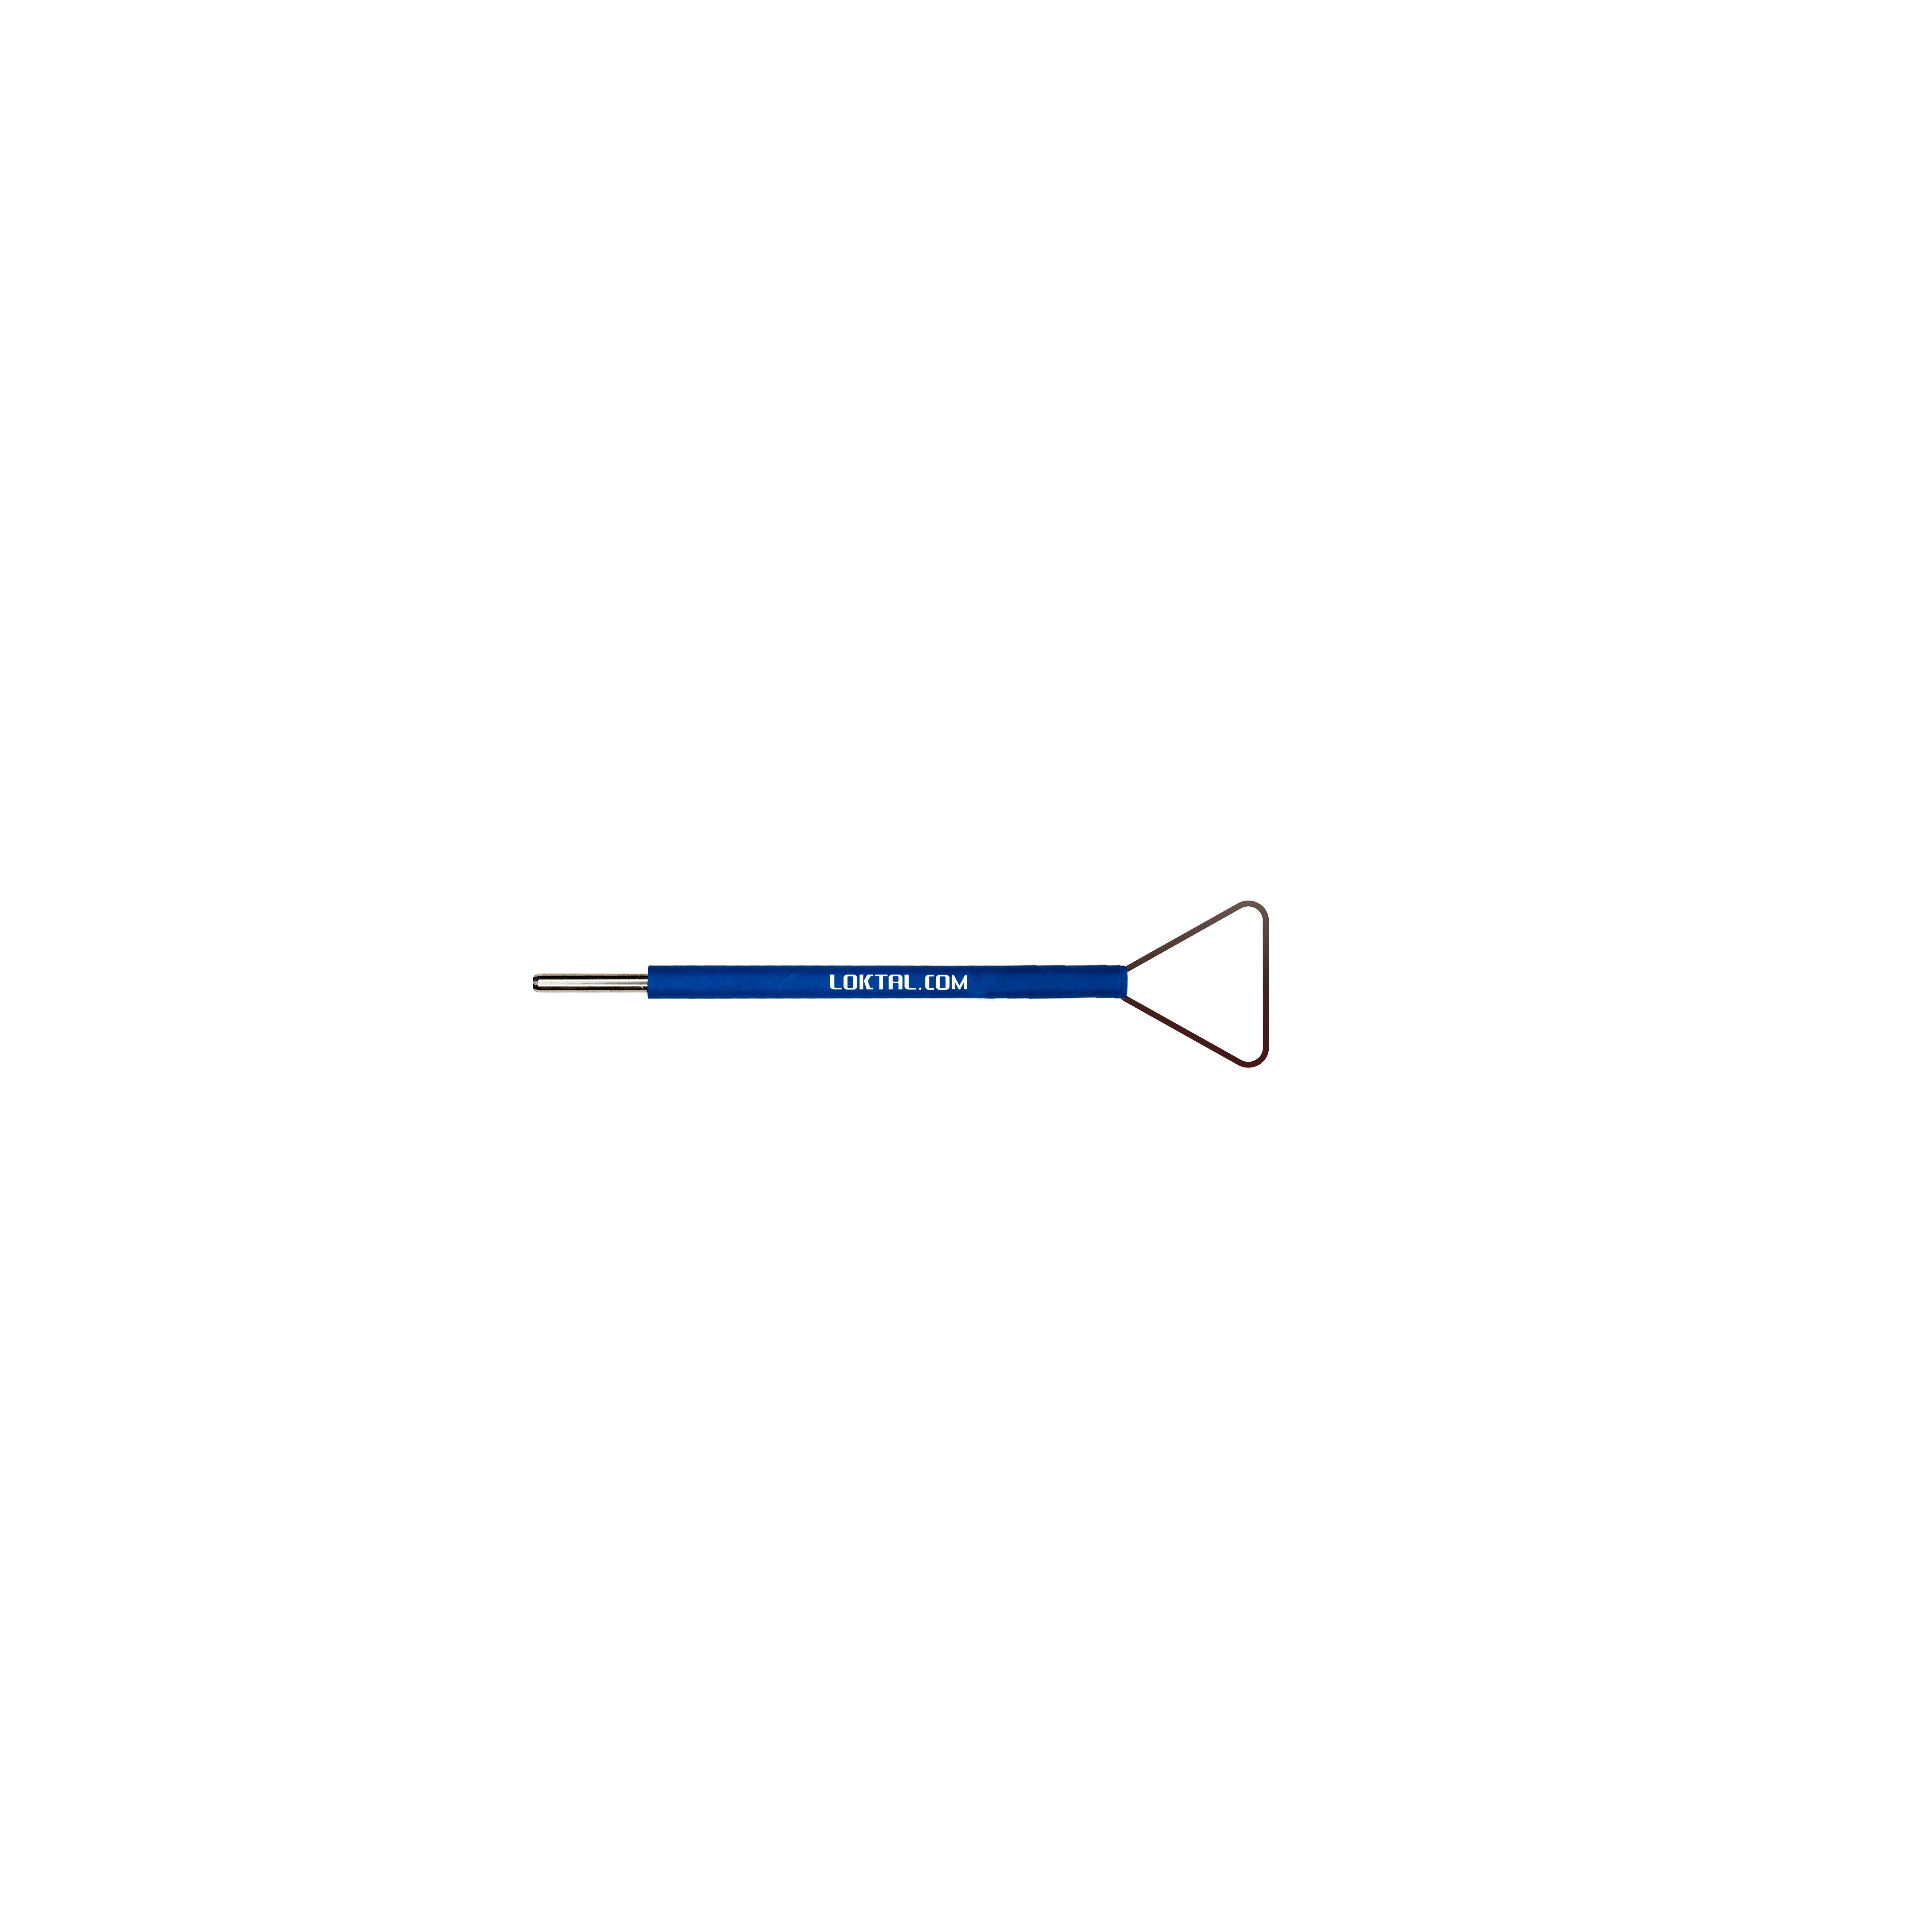 ACEL0463 - Eletrodo Eletrocirúrgico Alça Triangular, Reto